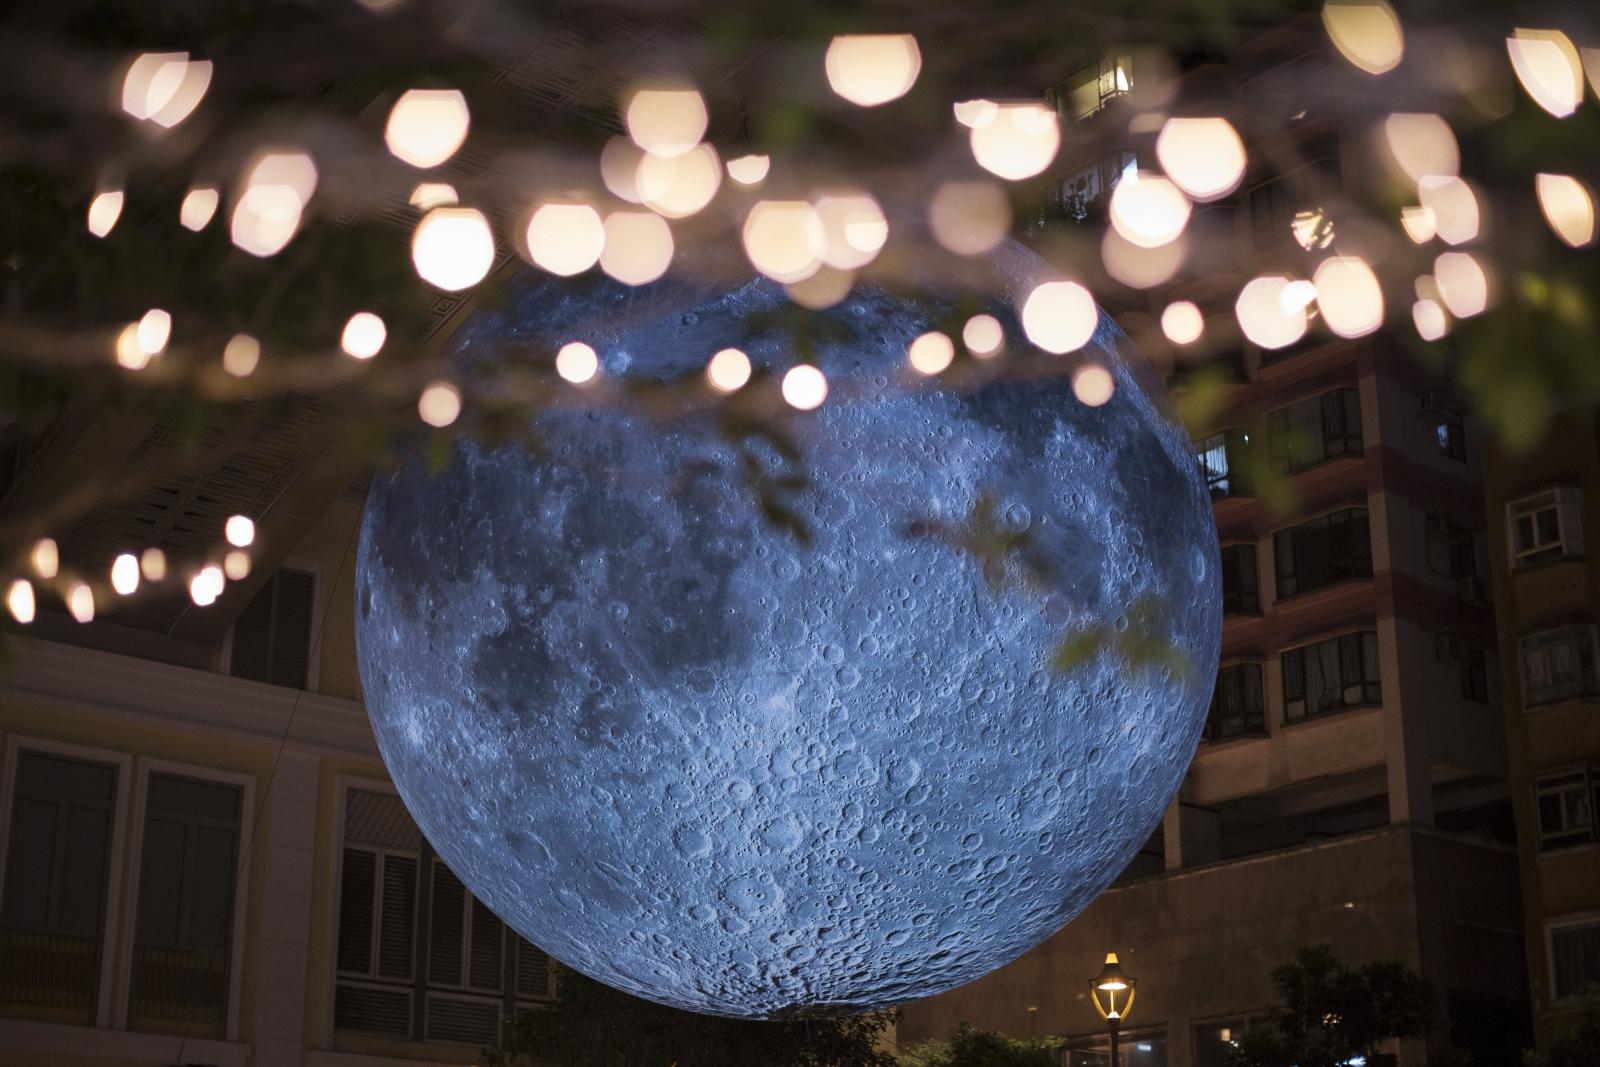 Siedmiometrowa rzeźba księżyca brytyjskiego artysty Luke'a Jerrama znajdująca się w Hong Kongu, Chiny.